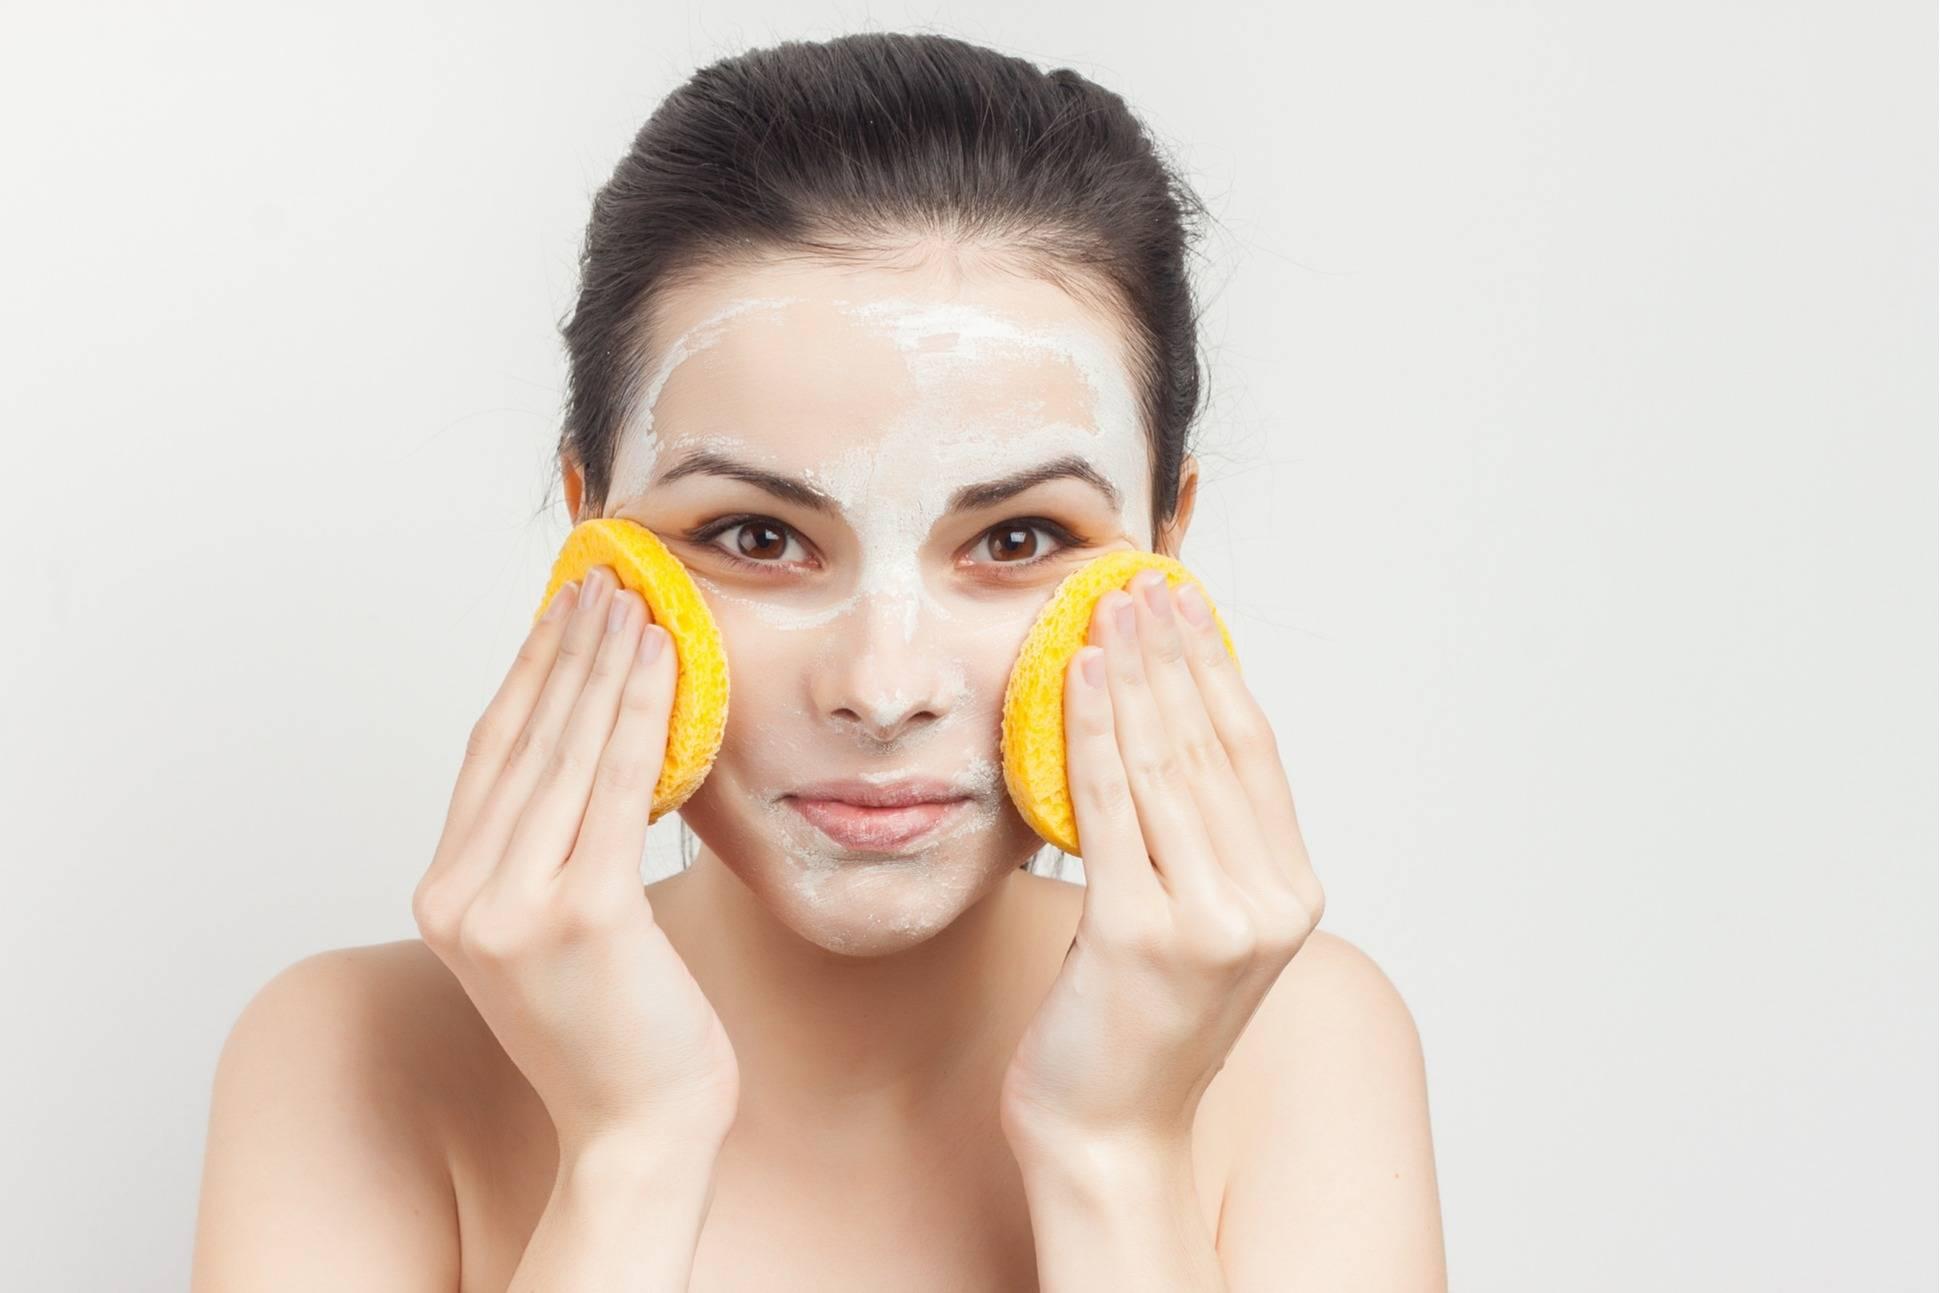 Пилинг или чистка лица: что лучше и в чем разница